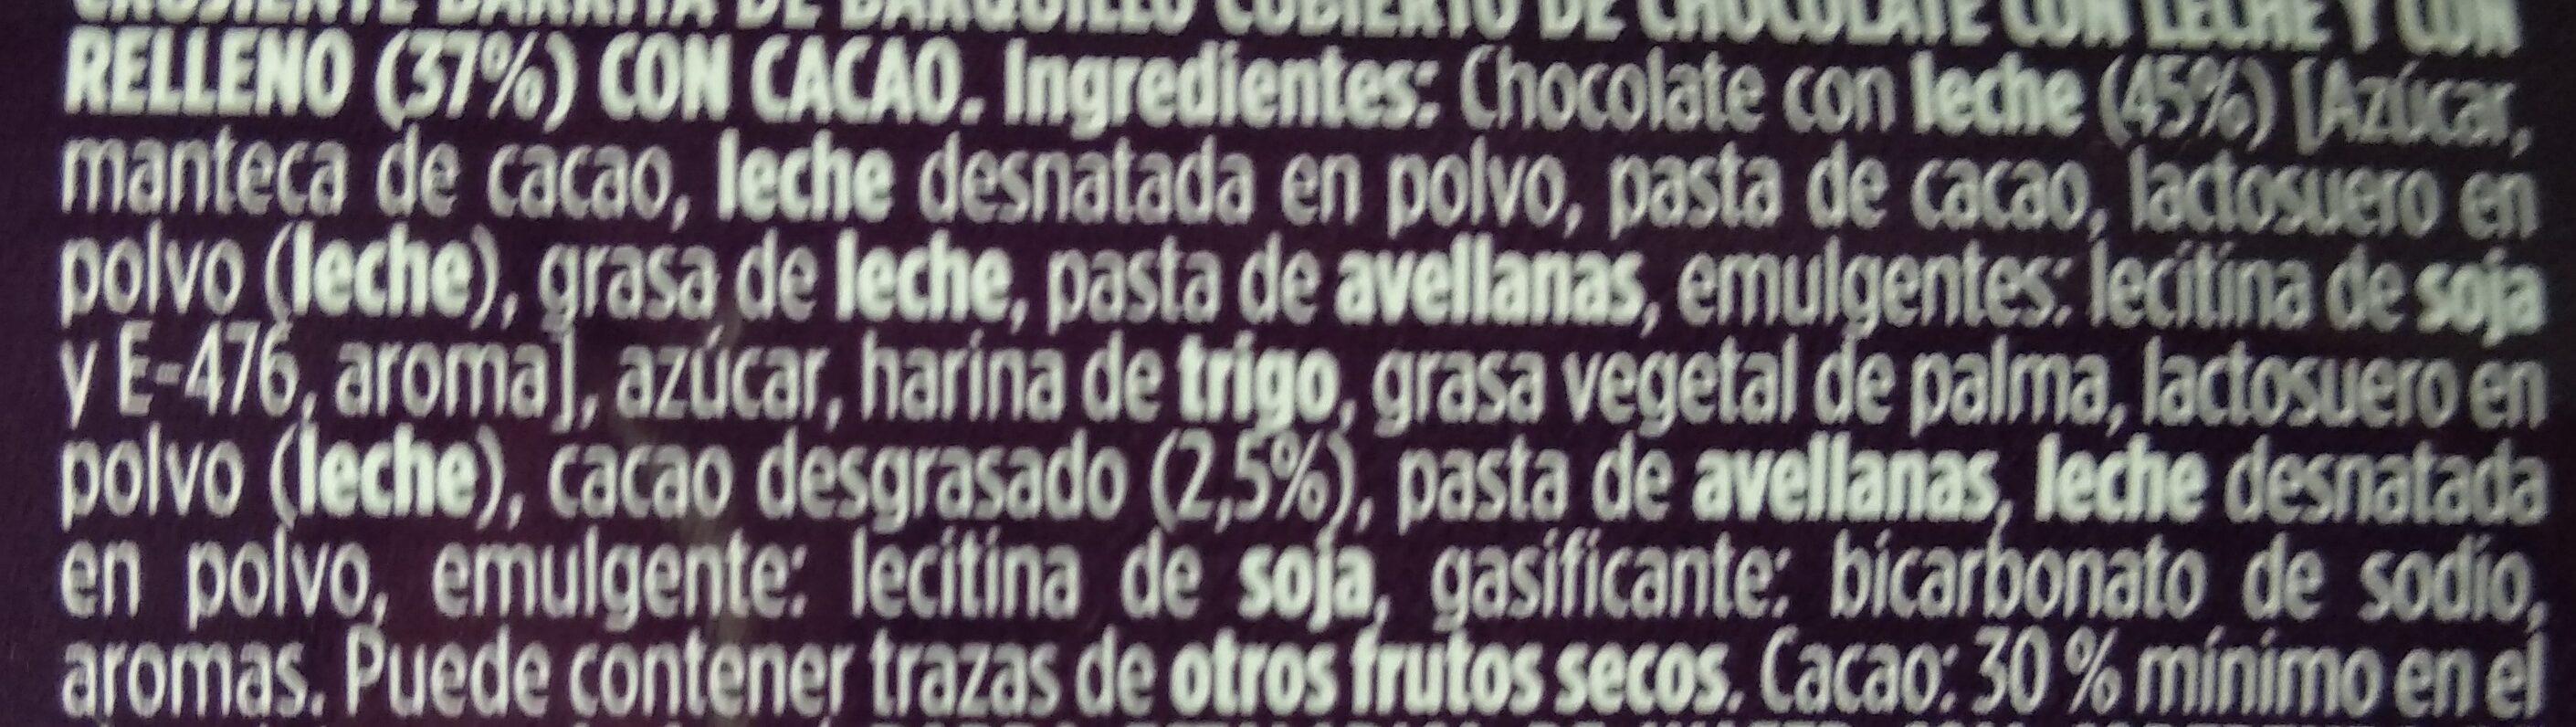 Huesitos original - Ingrediënten - es